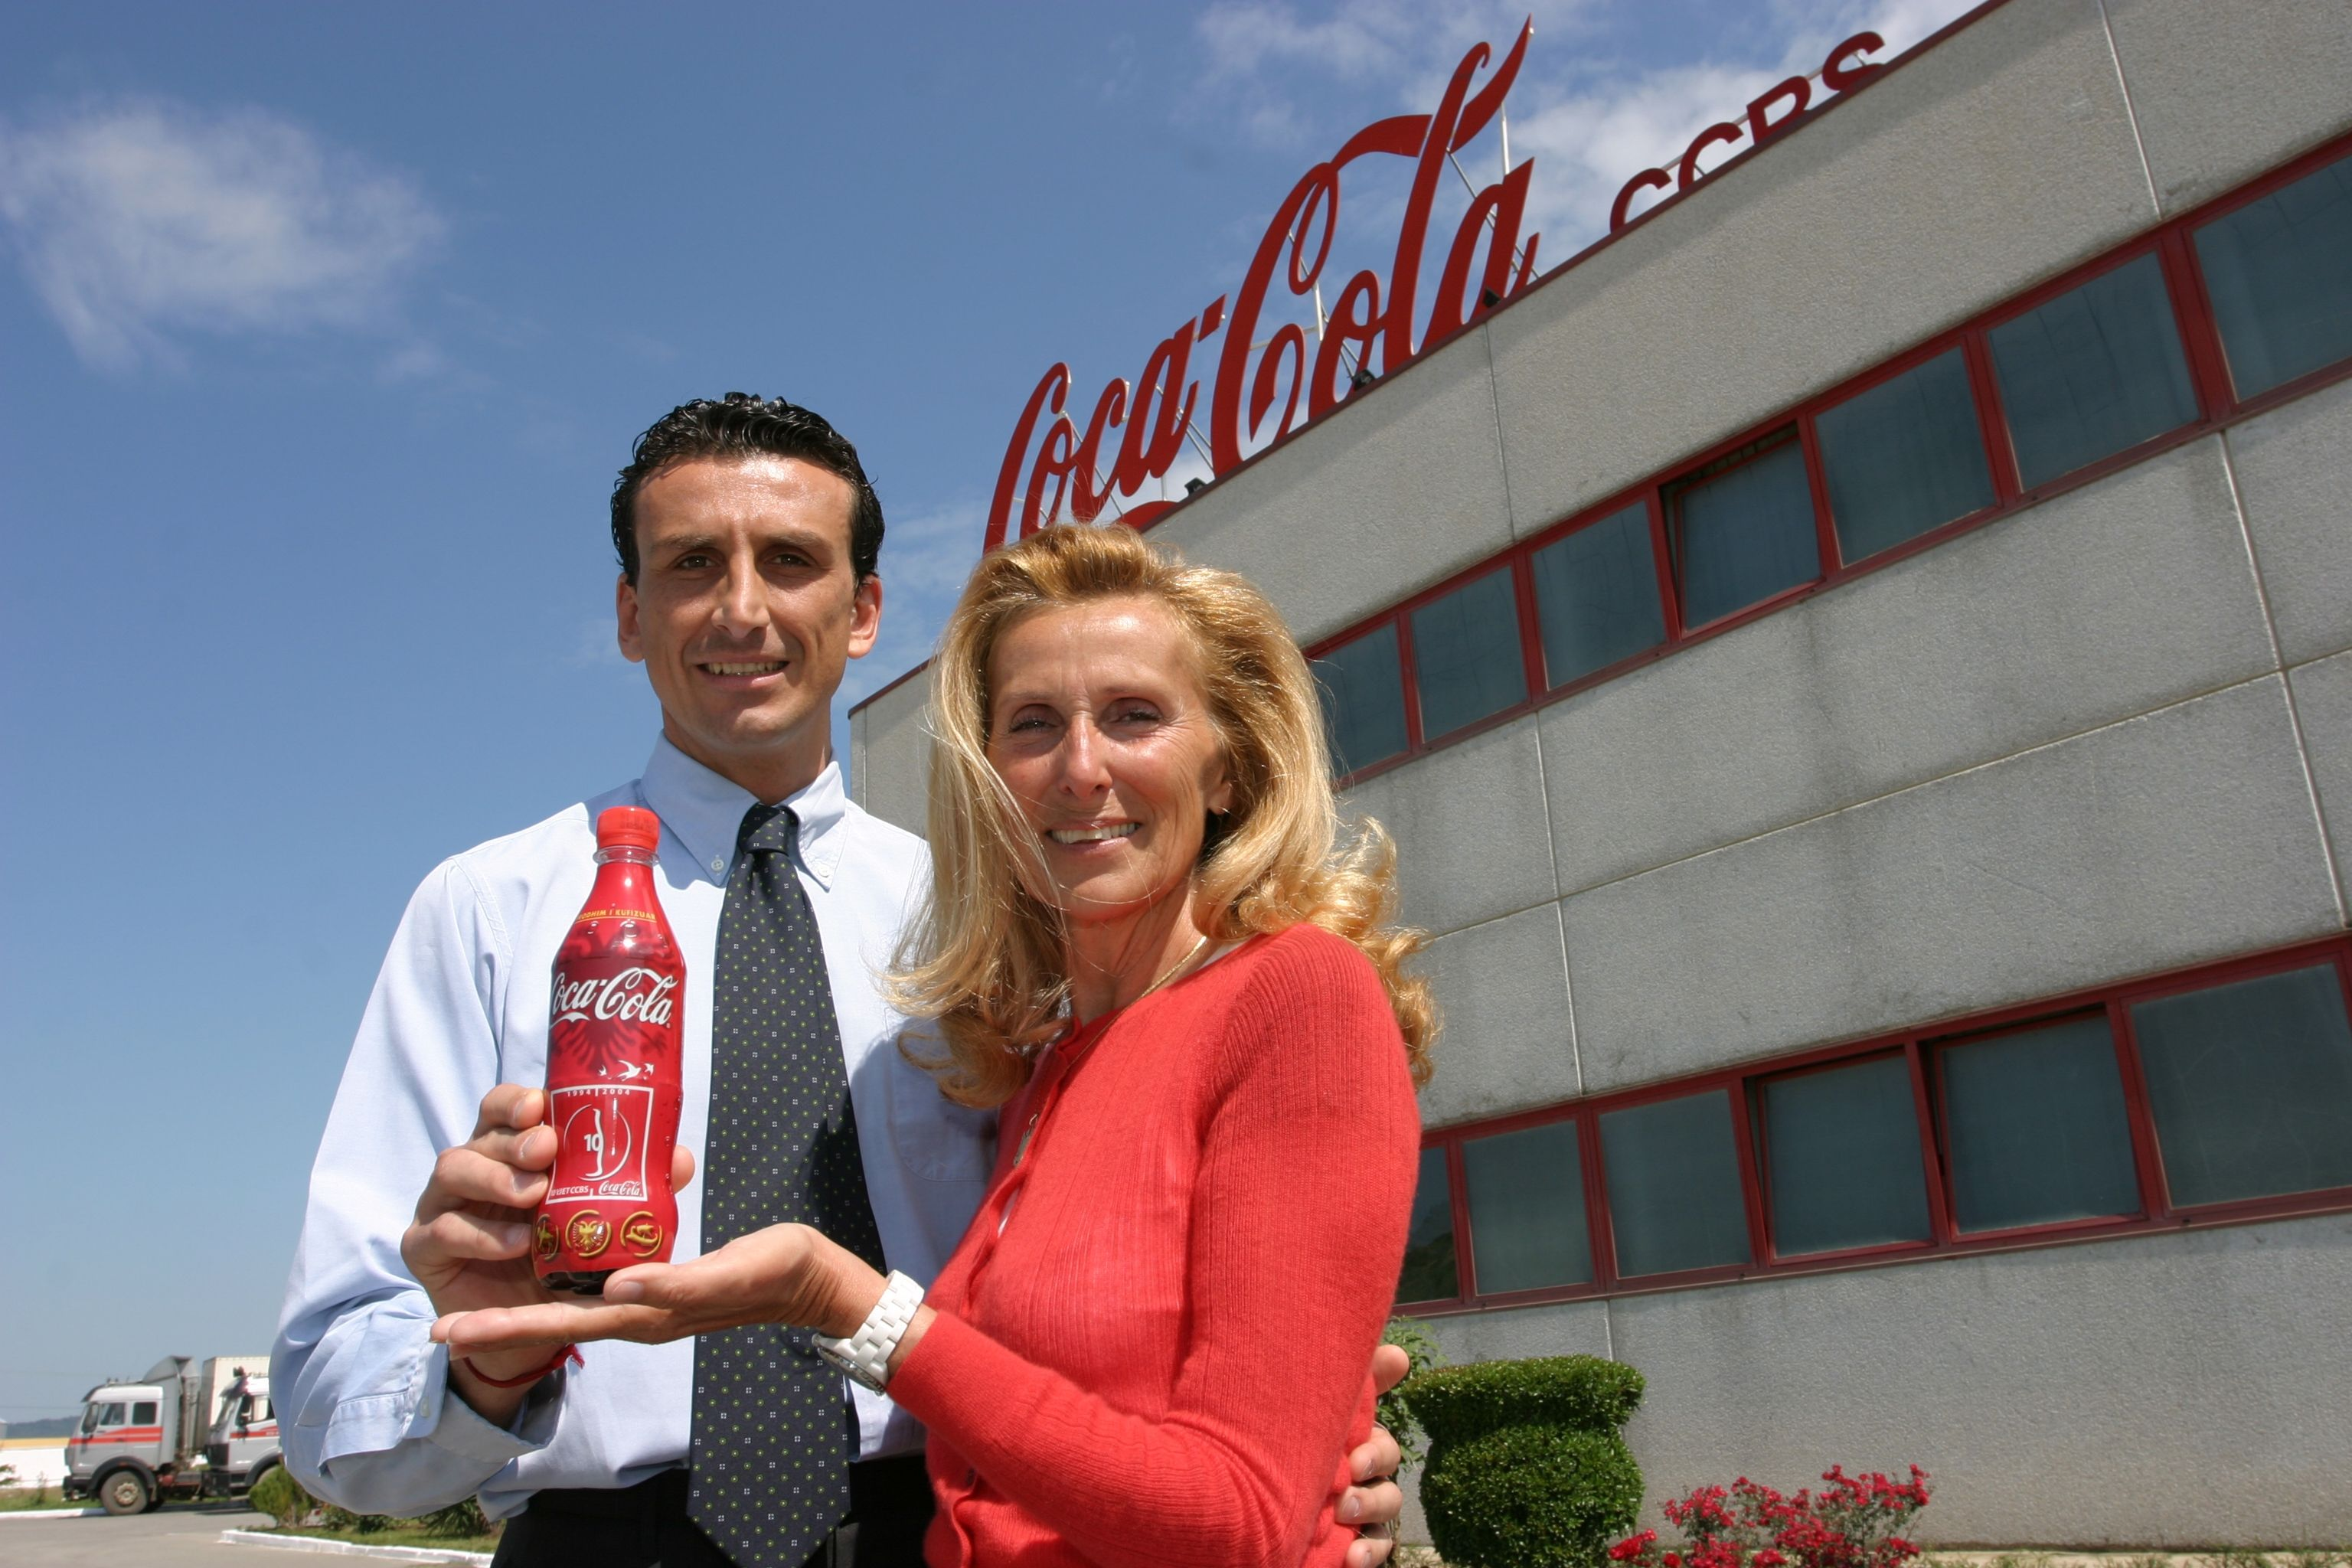 La Sibeg Coca Cola di Catania dona 80 mila euro per attrezzature sanitarie destinate al San Marco